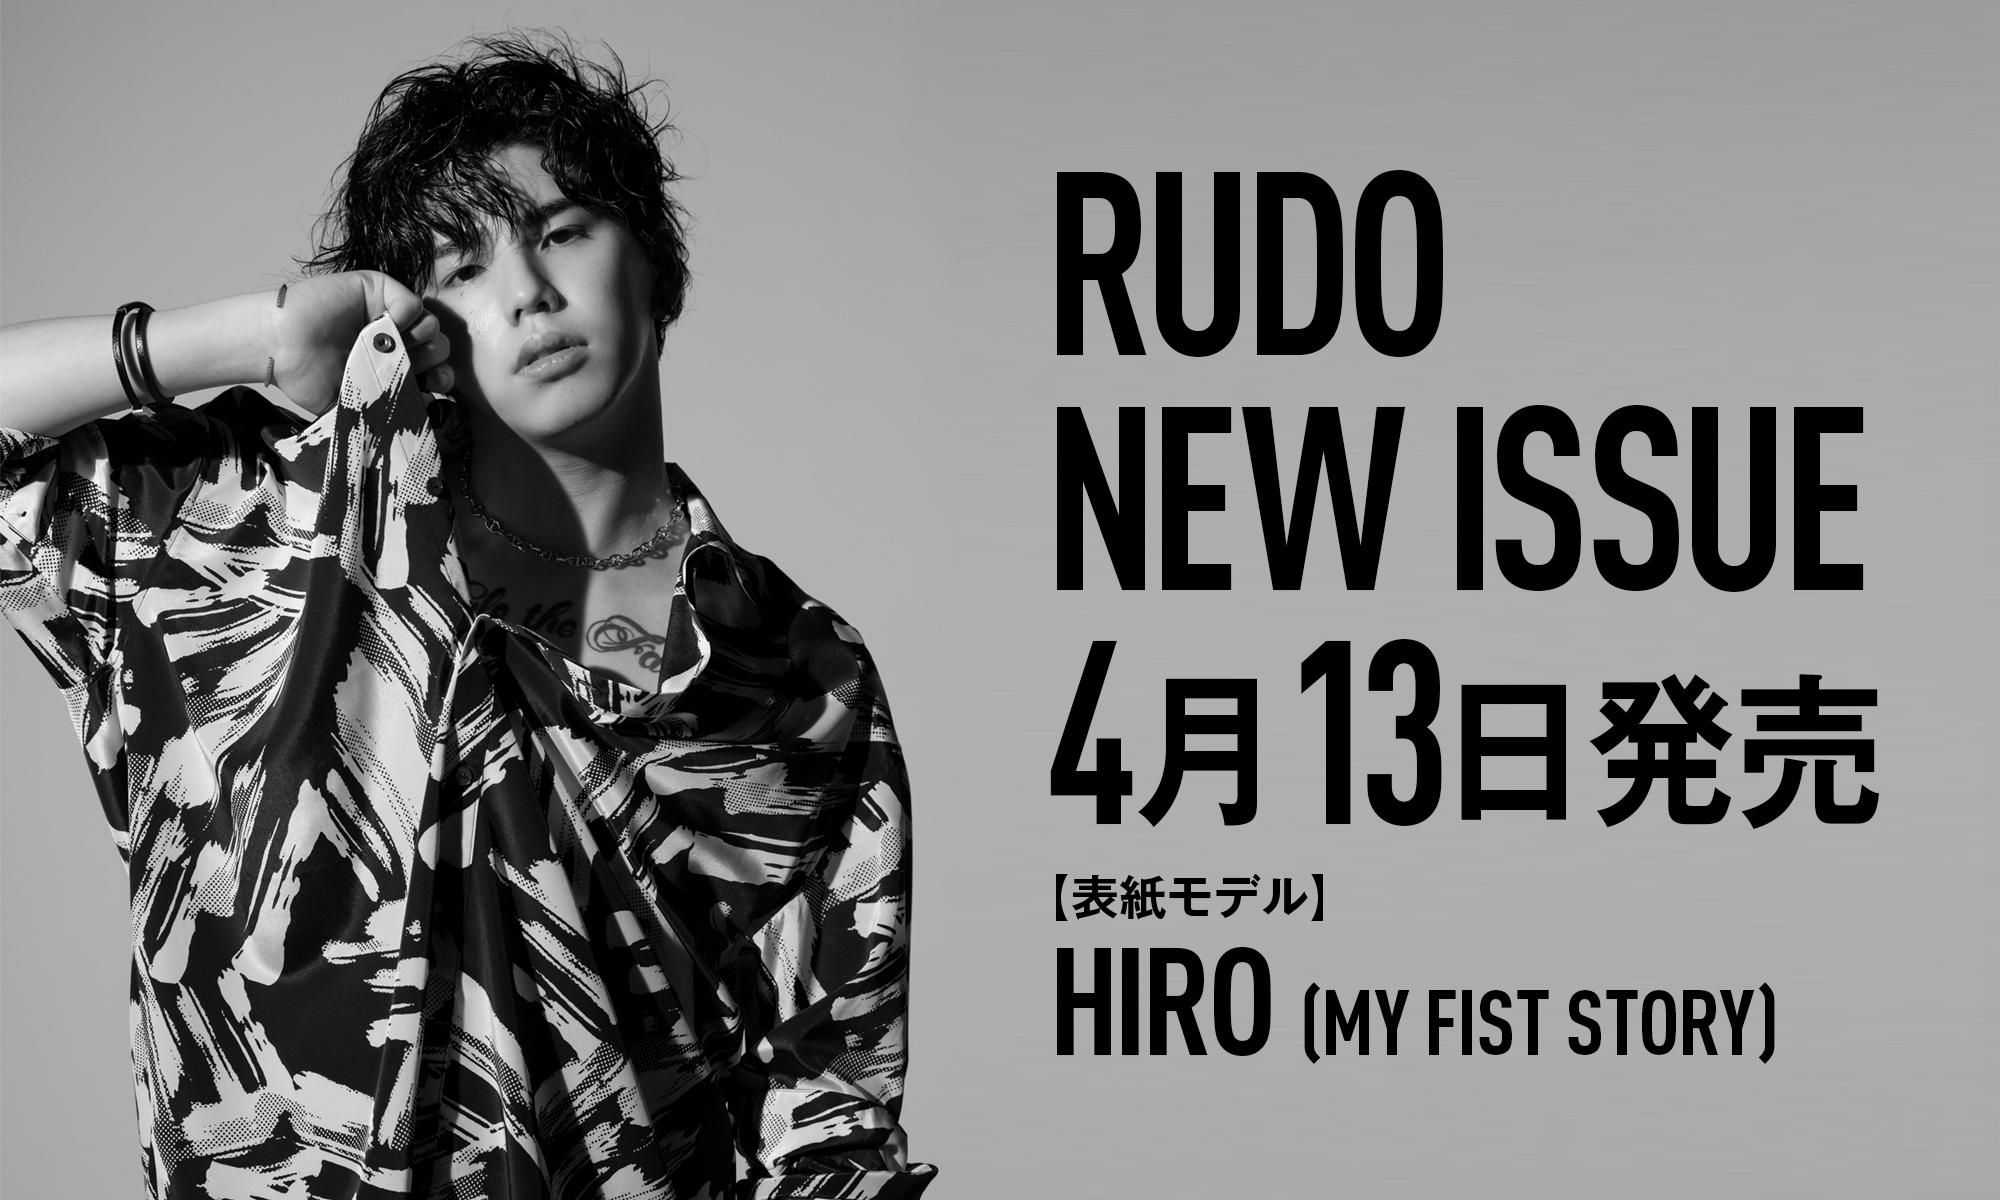 最新号 RUDO 2021SS 4月13日発売